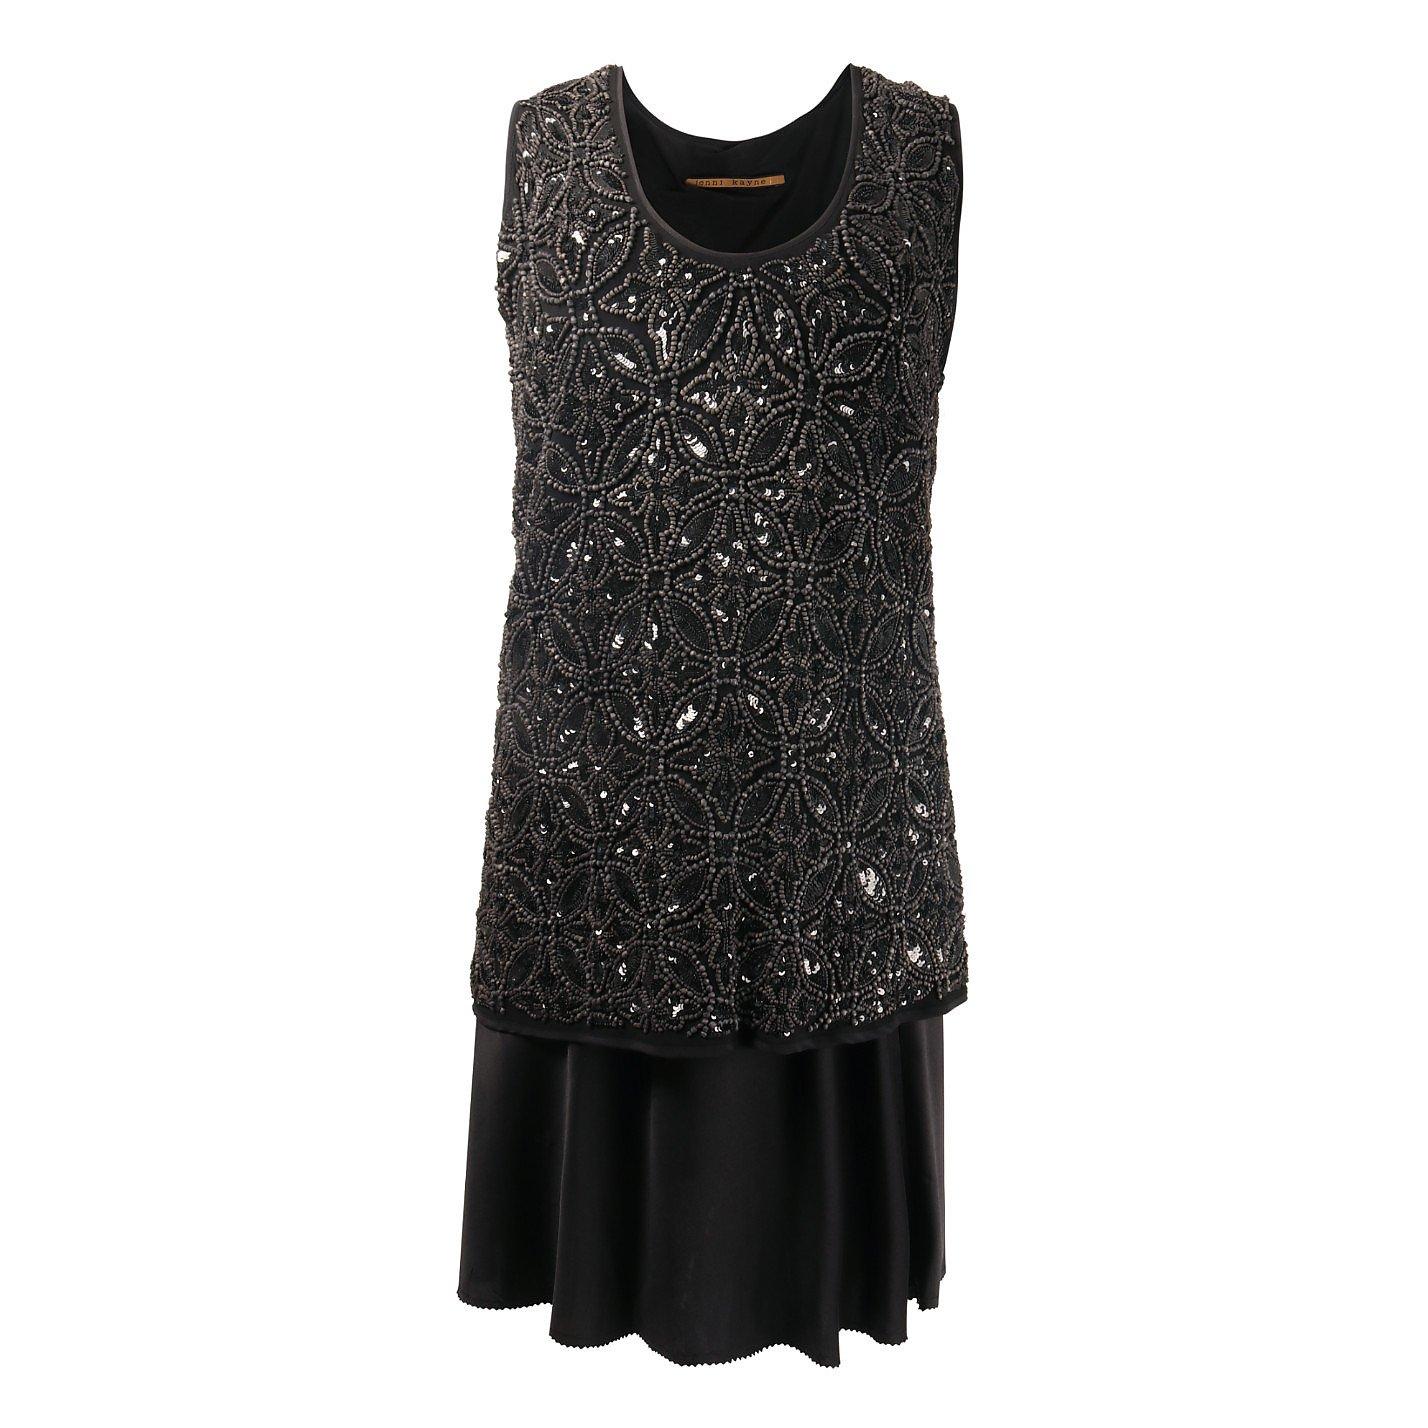 Jenni Kayne Embellished Sleeveless Dress